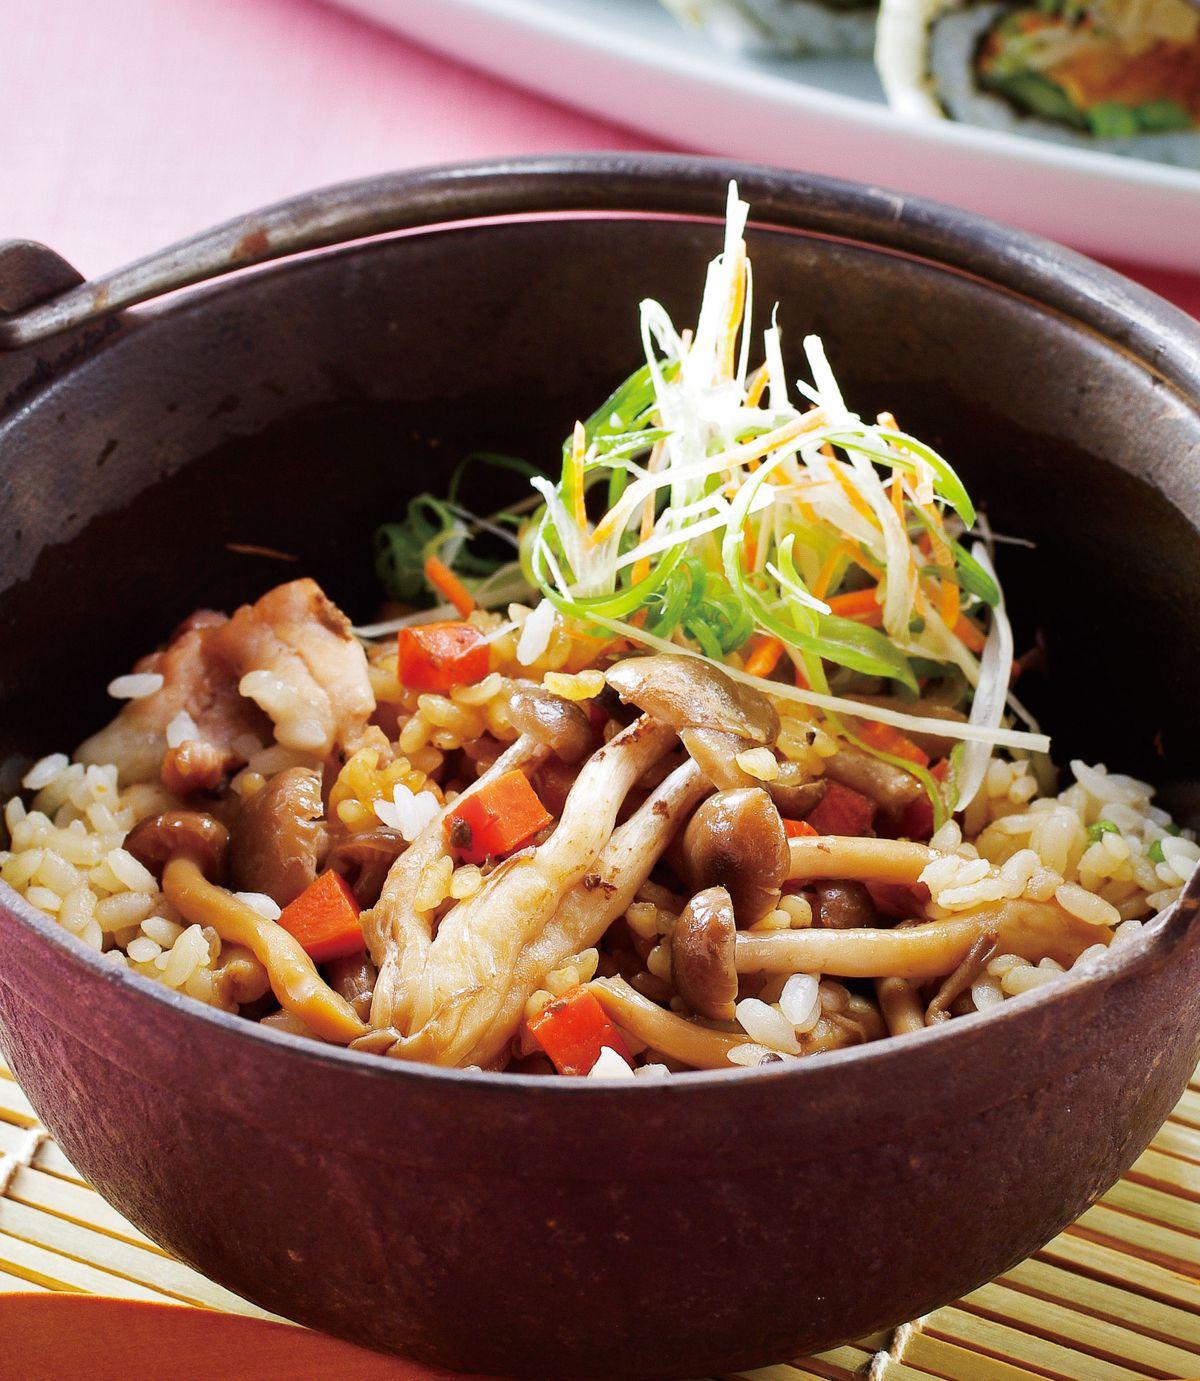 食譜:鄉風鮮菇里肌炊飯